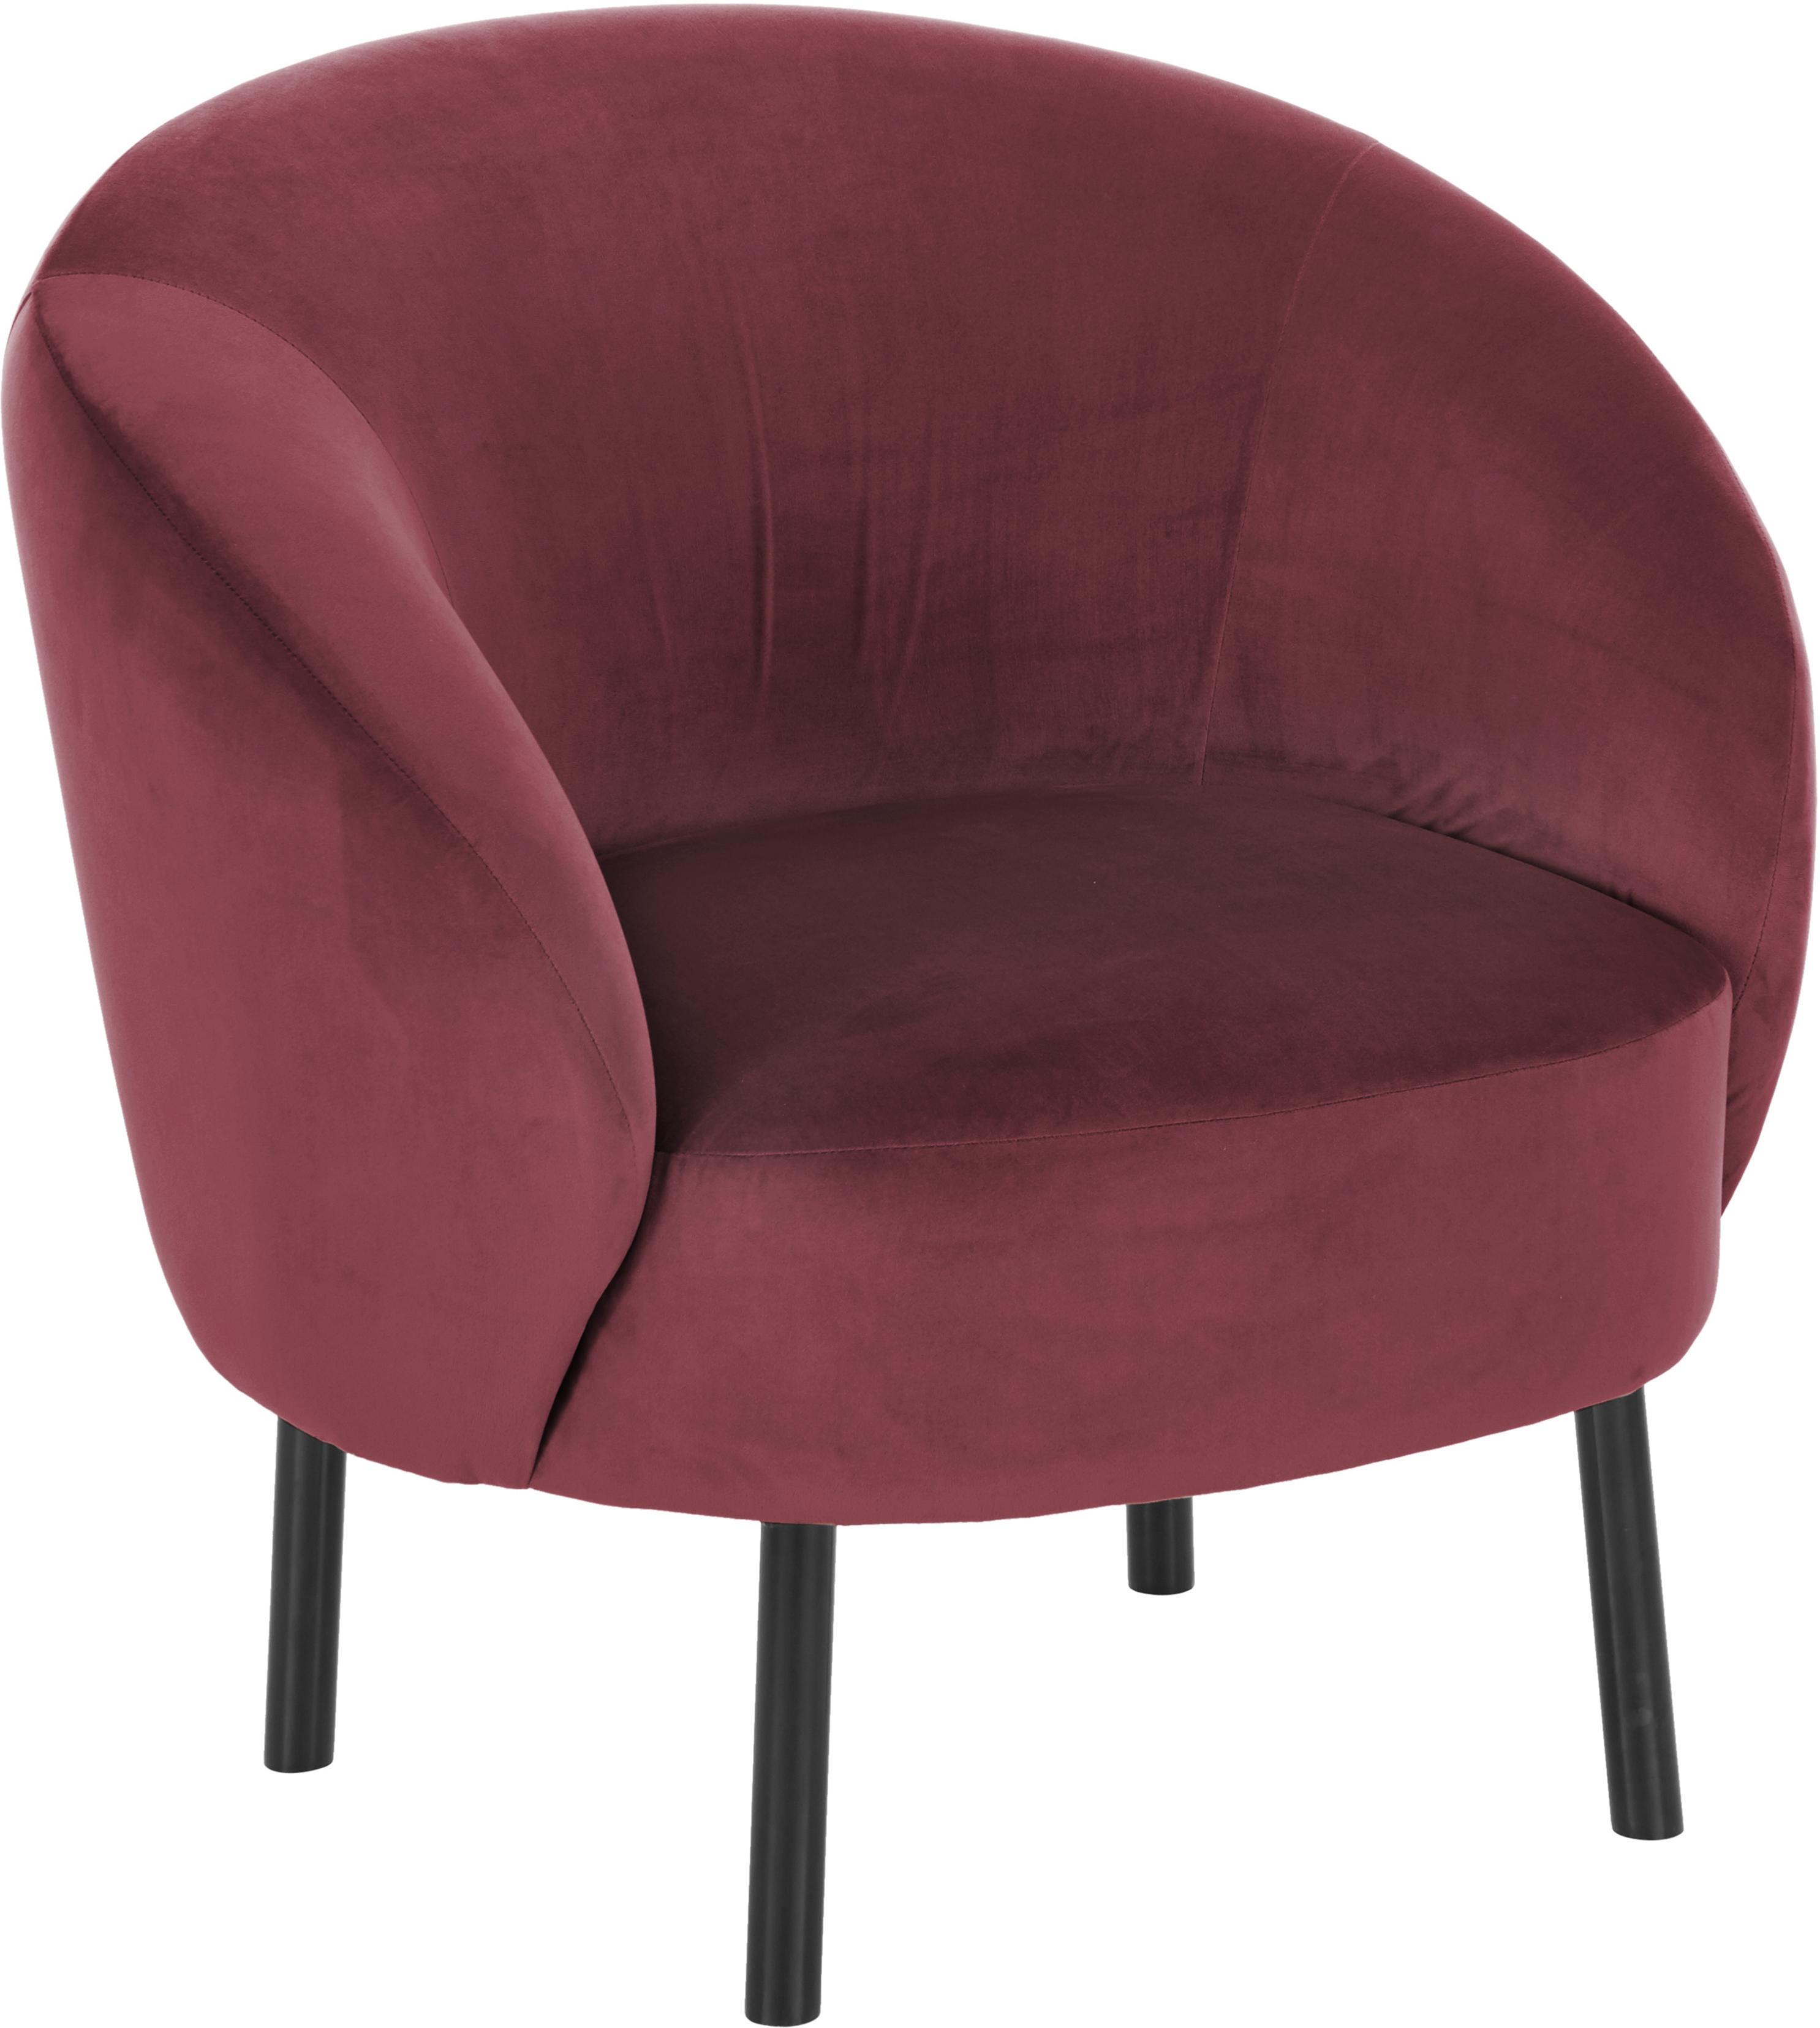 Fotel z aksamitu Freja, Tapicerka: aksamit (poliester) 30 00, Nogi: metal malowany proszkowo, Ciemny czerwony aksamit, S 65 x G 72 cm